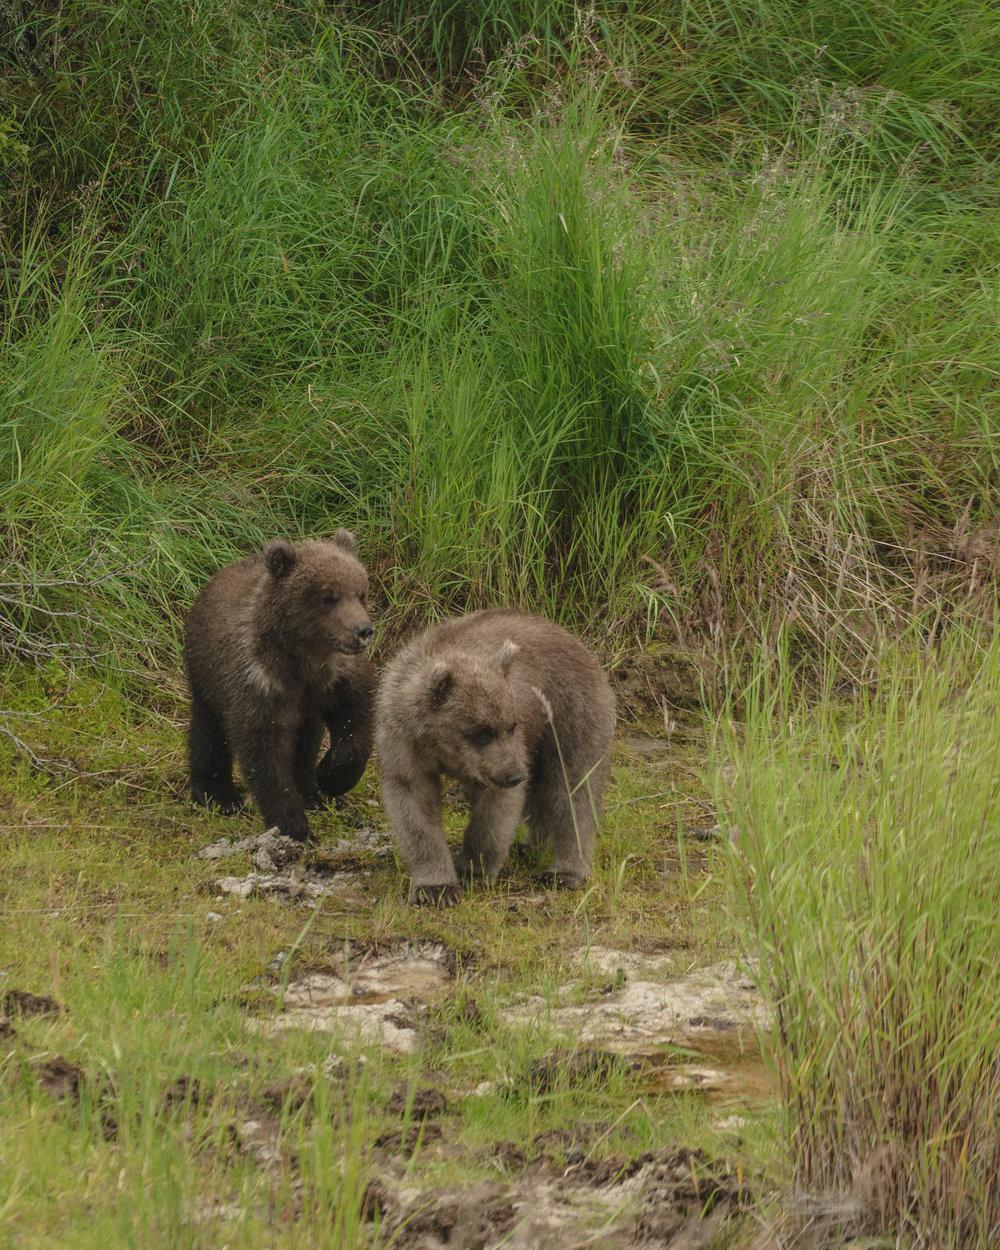 Spring cubs. So cute. I die.